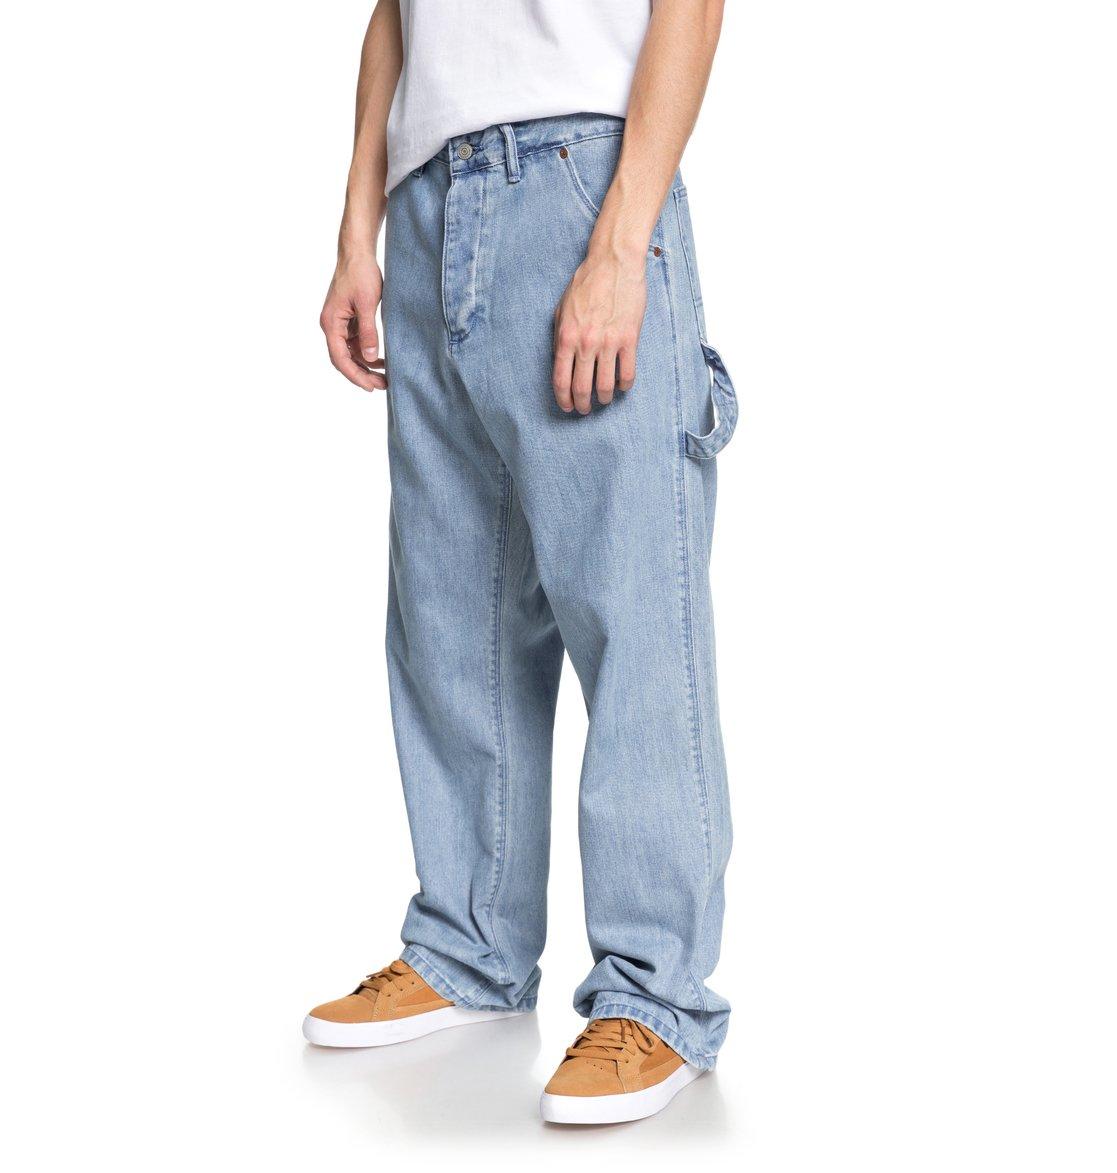 dc shoes Core - Jeans Carpenter da Uomo - Blue - DC Shoes